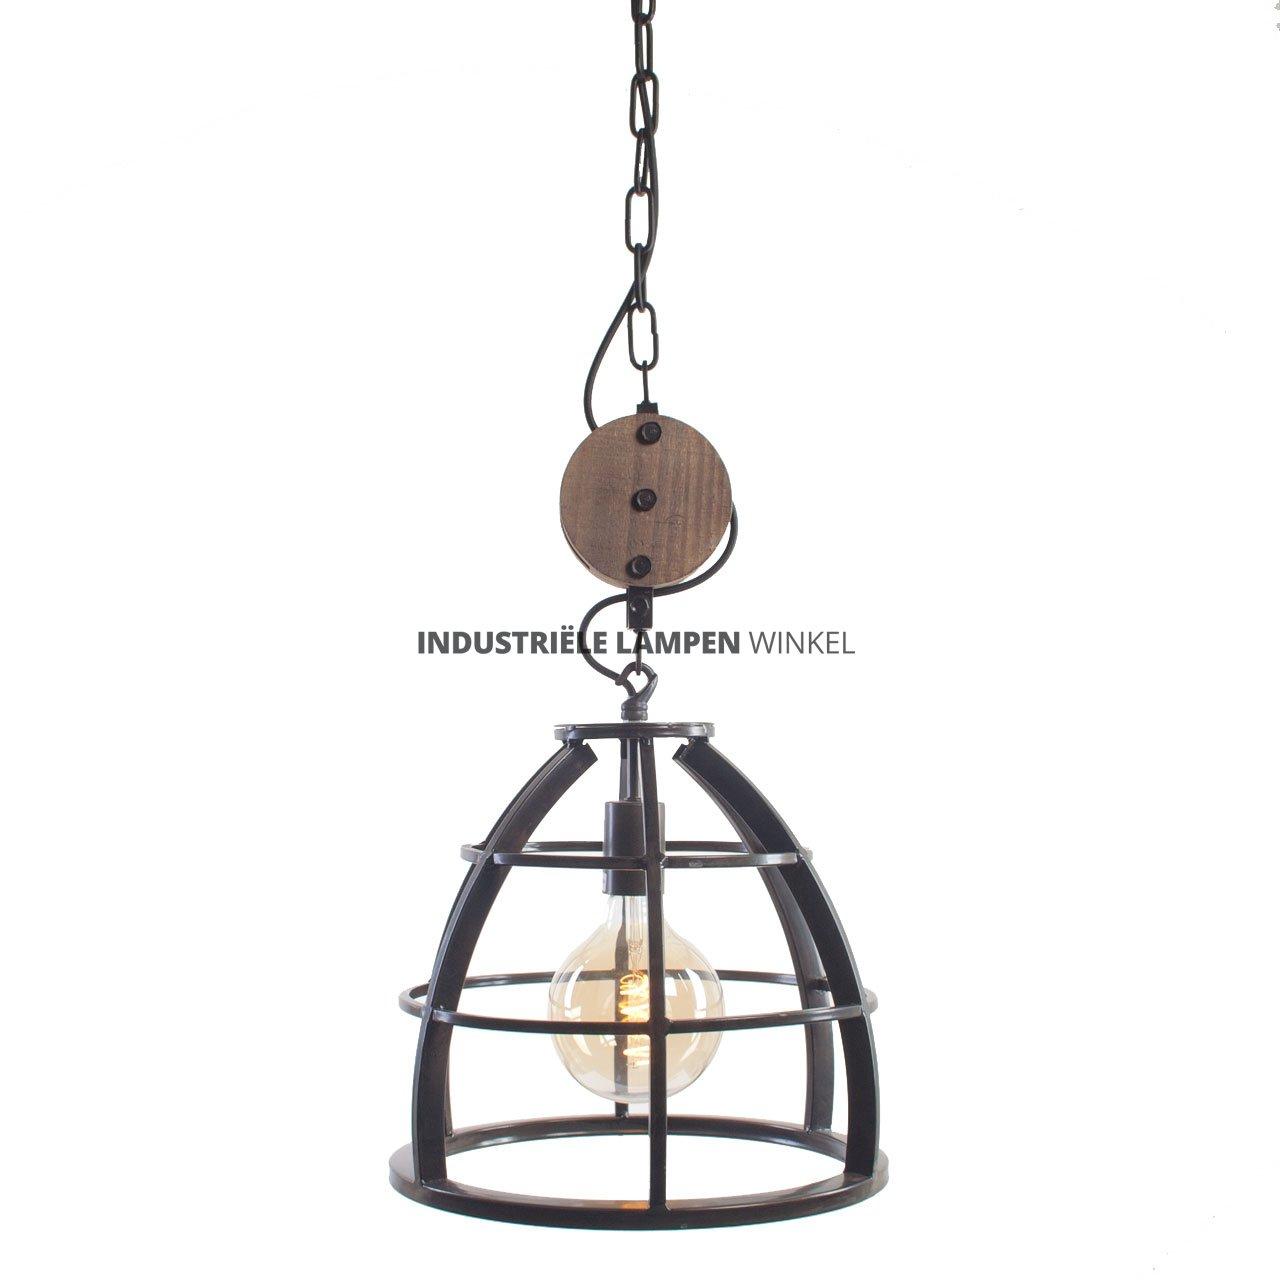 Magnifiek Top Hanglamp Met Katrol #SFO21 - AgnesWaMu @MP52